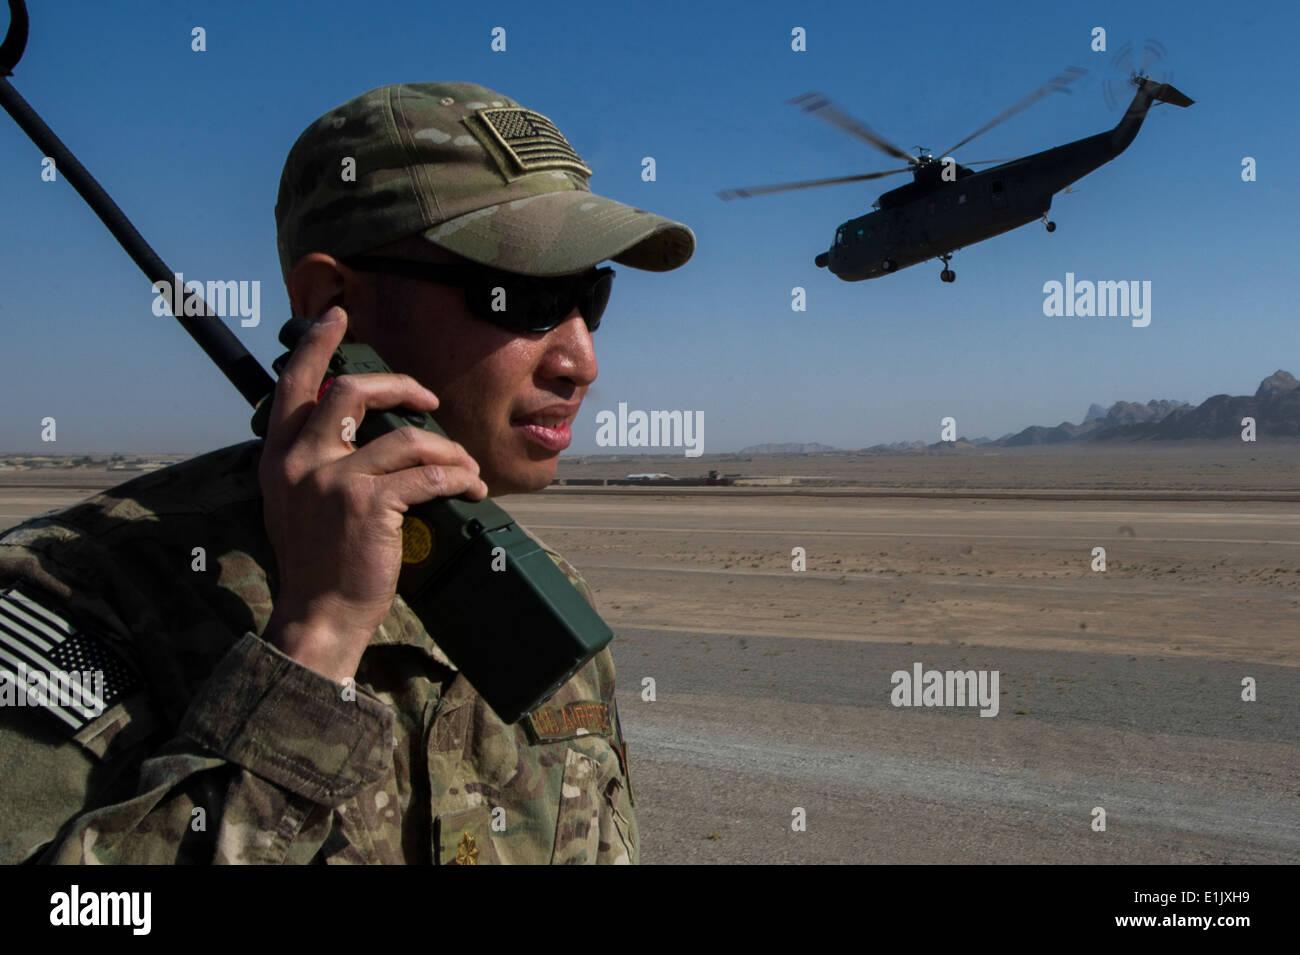 U.S. Air Force Maj. Brian Cruz, an air mobility liaison